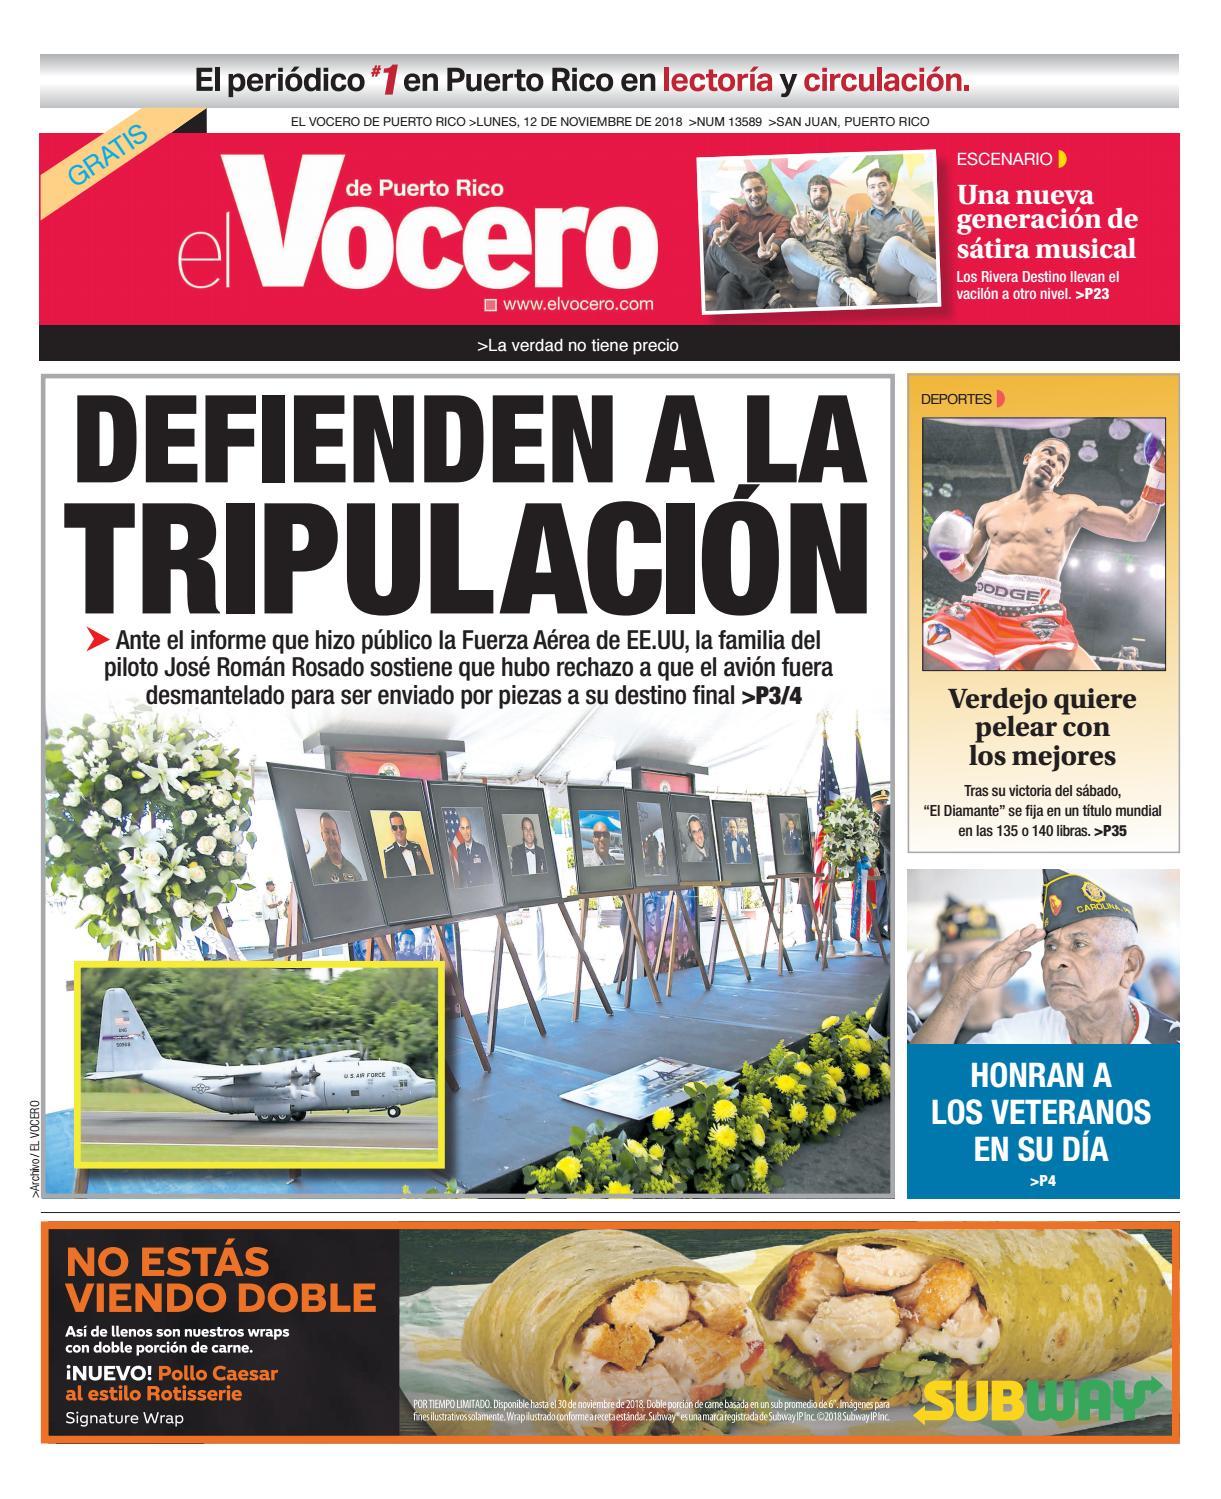 d54a5c5f25488 Edición del 12 de noviembre de 2018 by El Vocero de Puerto Rico - issuu